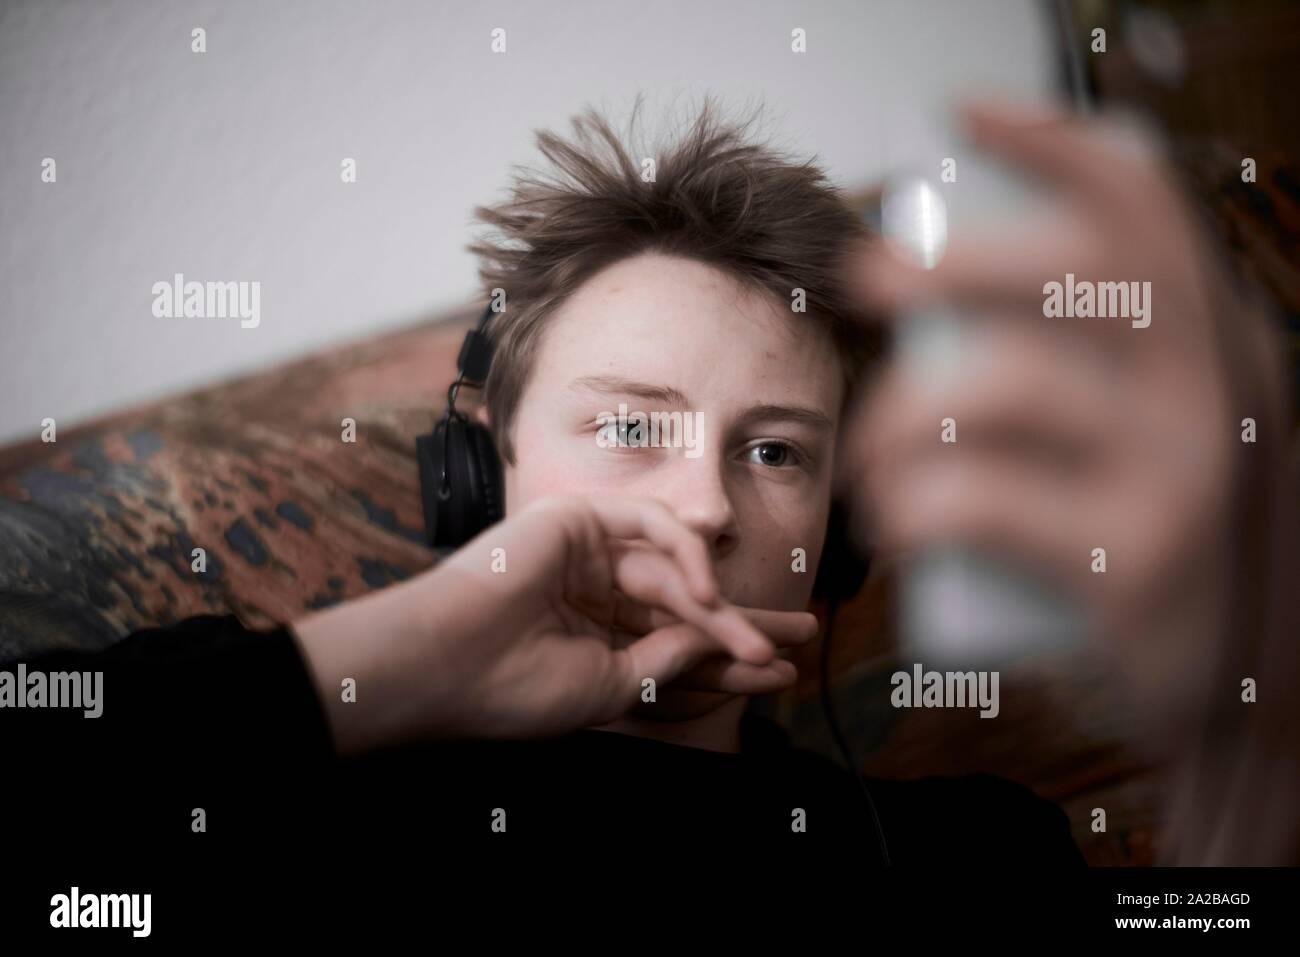 Adolescente (17 años) con entretenimiento smartphone Foto de stock